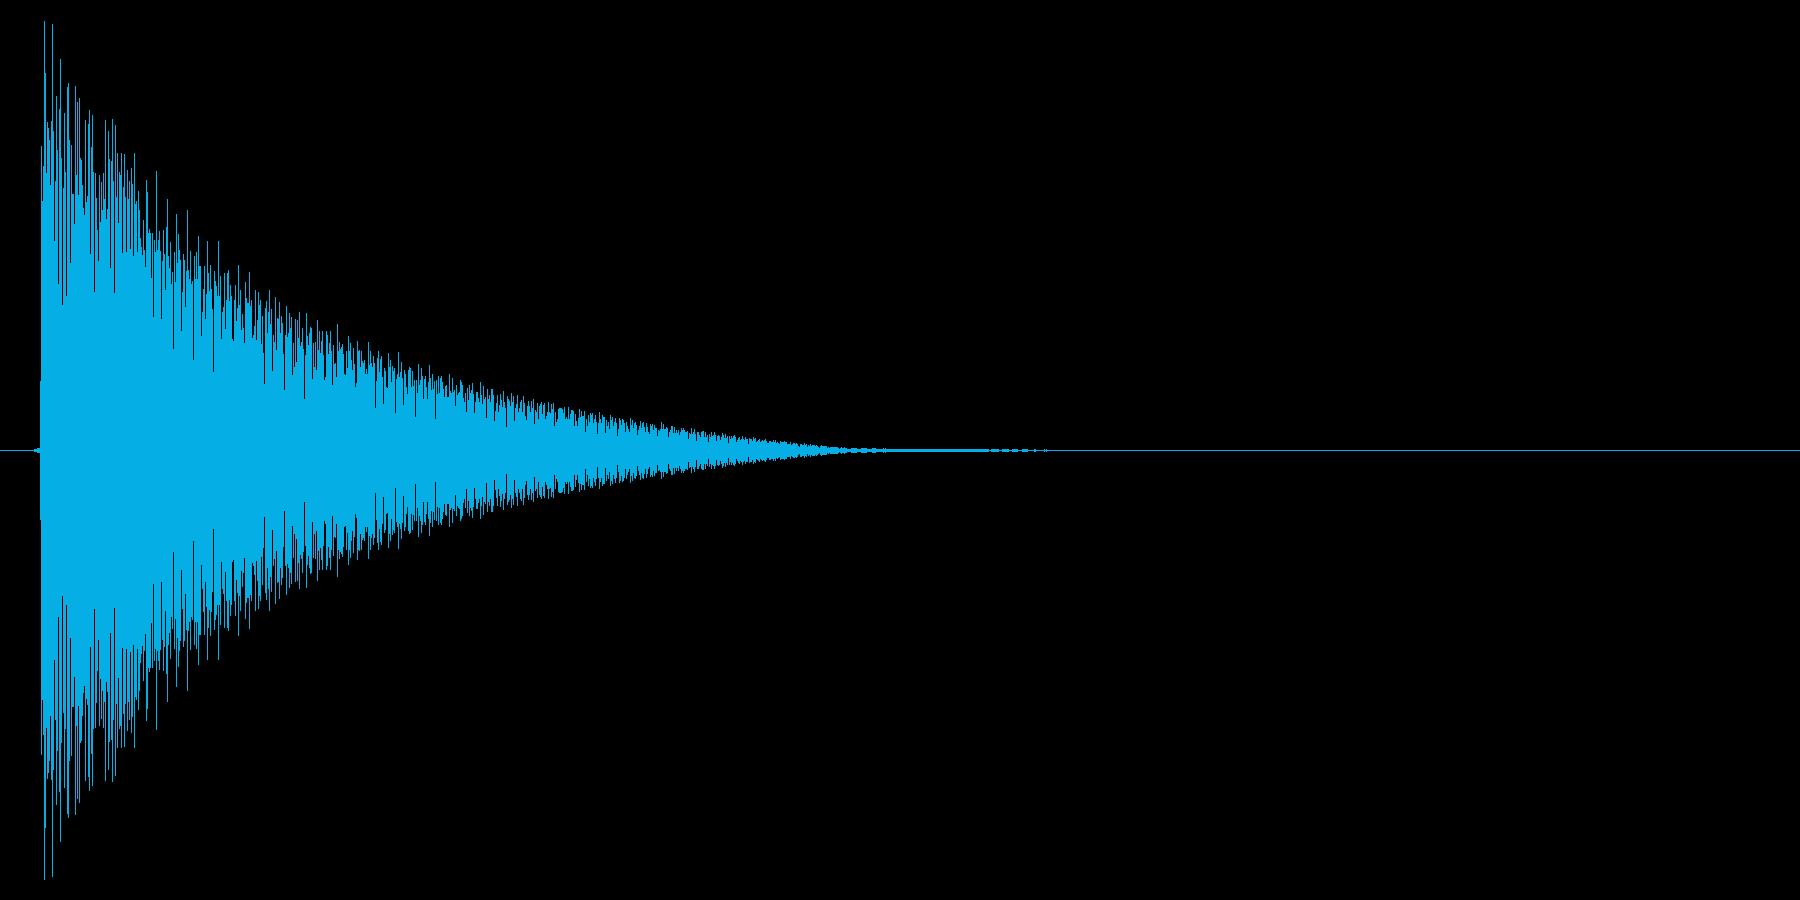 ピコン!(行動ターン、順番、合図)の再生済みの波形